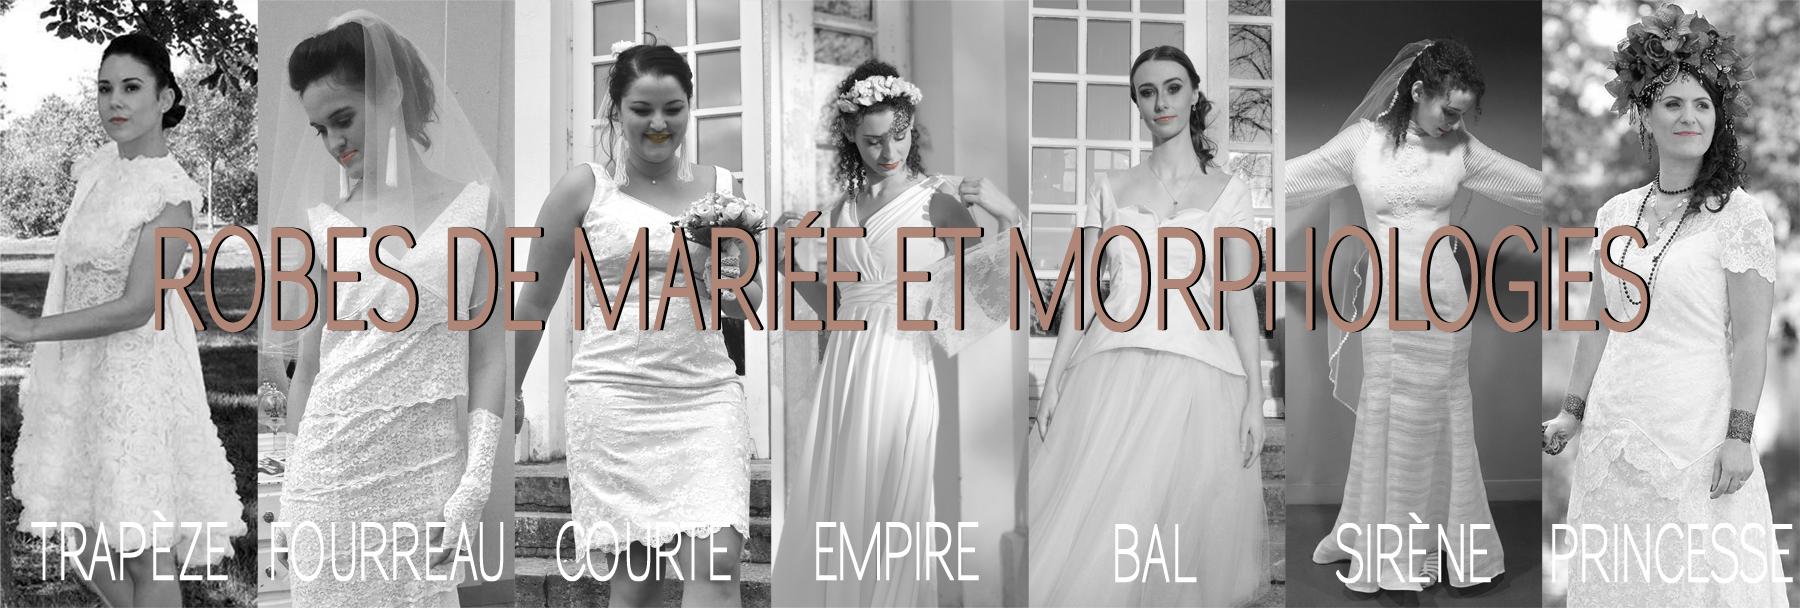 ROBES DE MARIÉE ET MORPHOLOGIES - Fabienne Dimanov Paris